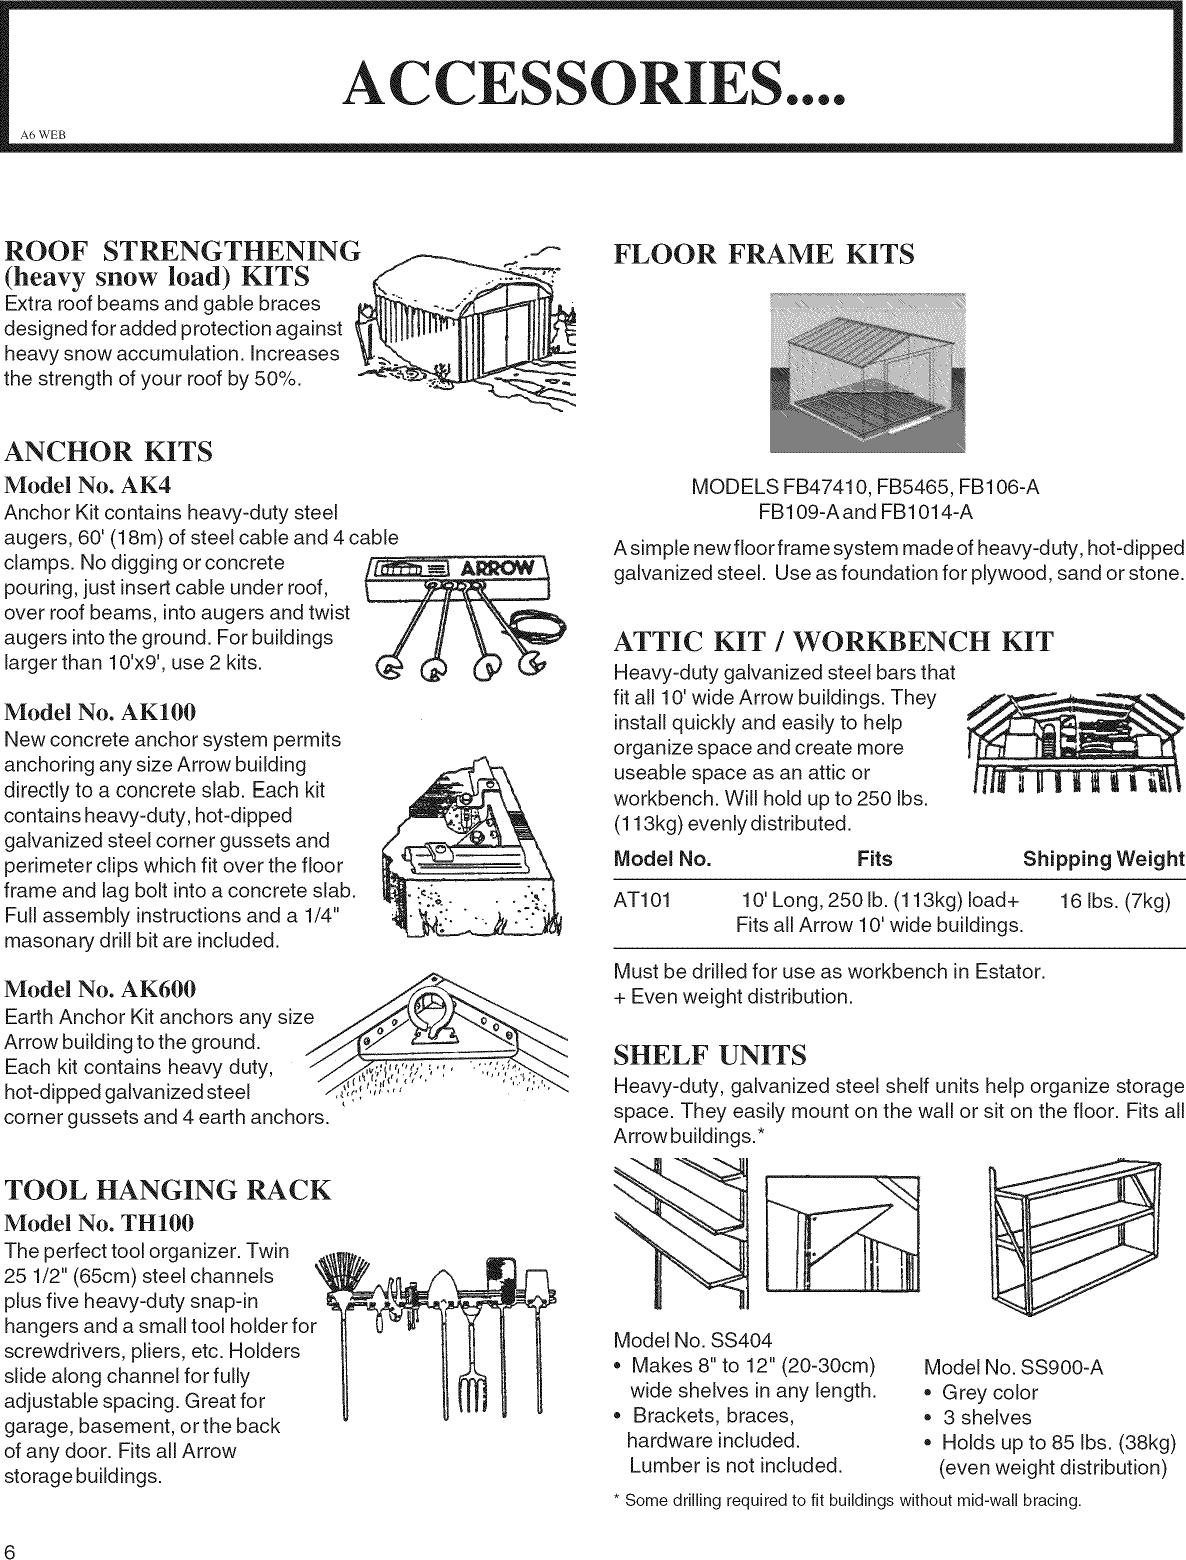 ARROW Building Manual L0903189